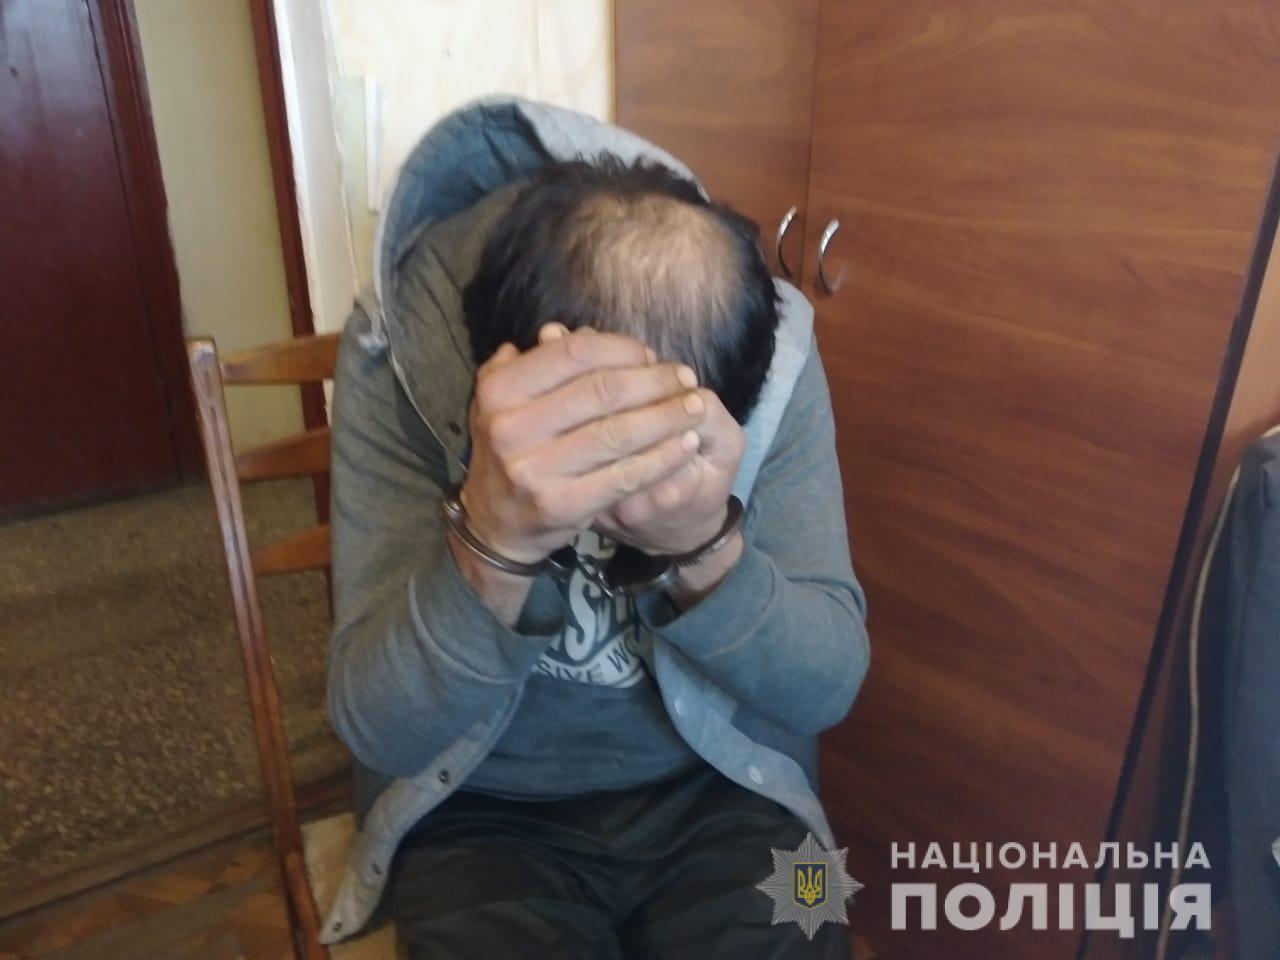 На Фастівщині затримали чоловіка, якого підозрюють у вбивстві - Фастівський район, вбивство, Борова - zarobtchanynfastiv1